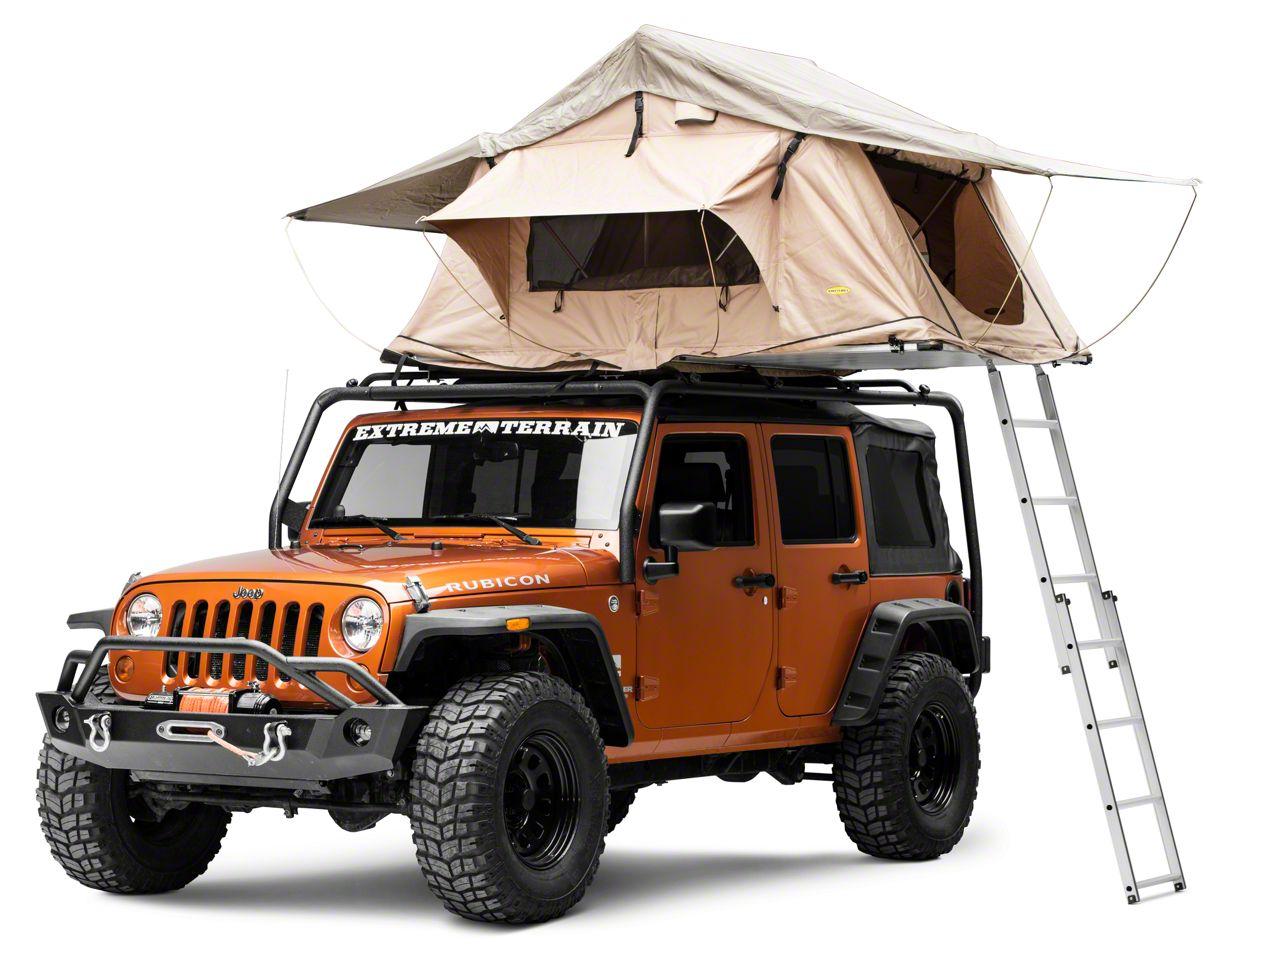 Smittybilt Jeep Wrangler Overlander Roof Top Tent Coyote Tan 2783 Universal Fitment